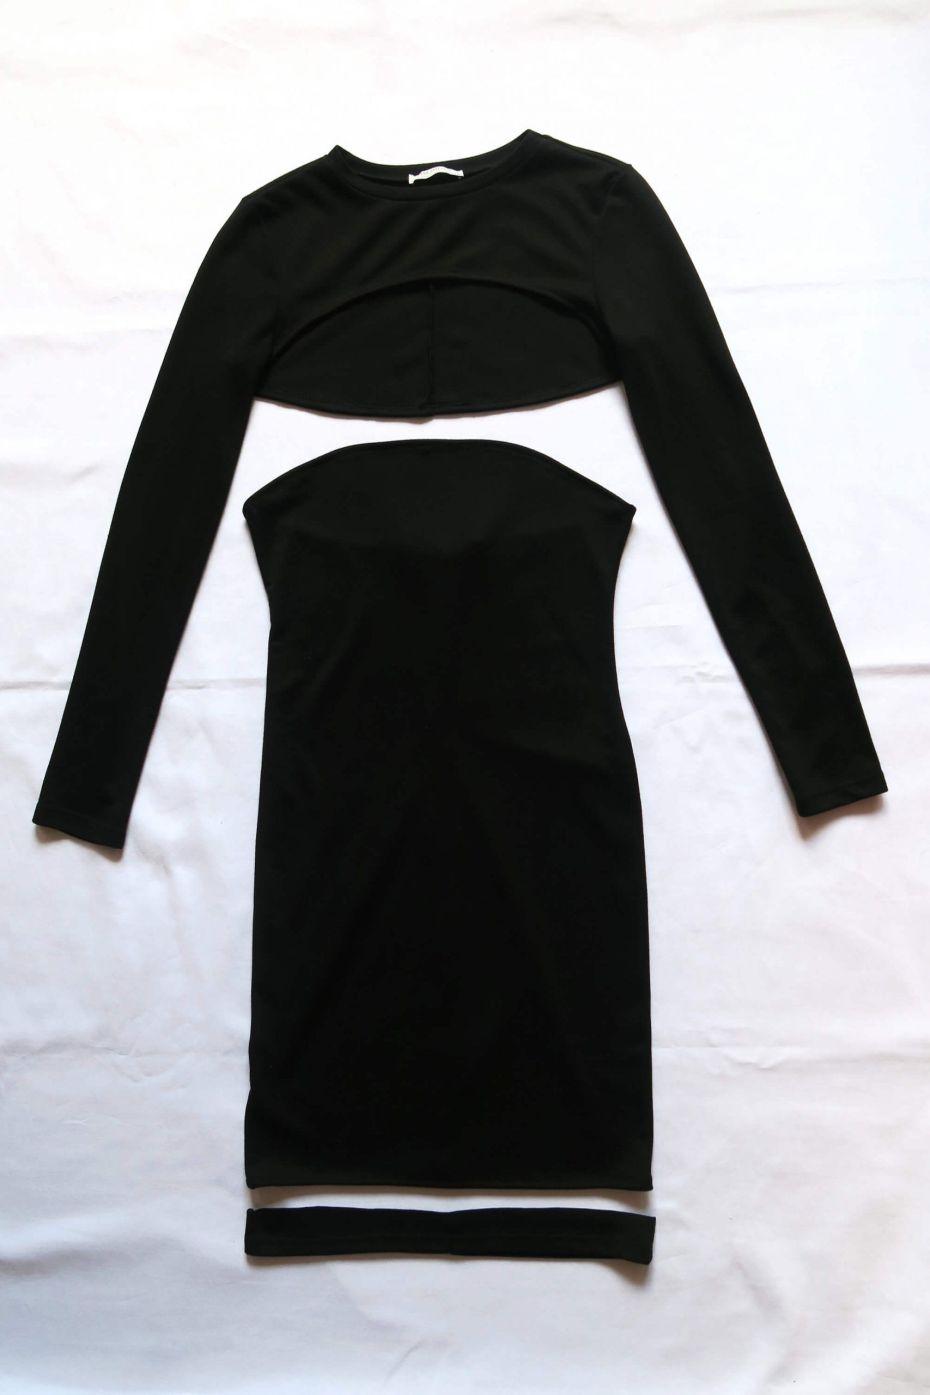 Tutorial reciclaje ropa - DIY upcycling vestido y camiseta crop, vestido y camiseta cortados